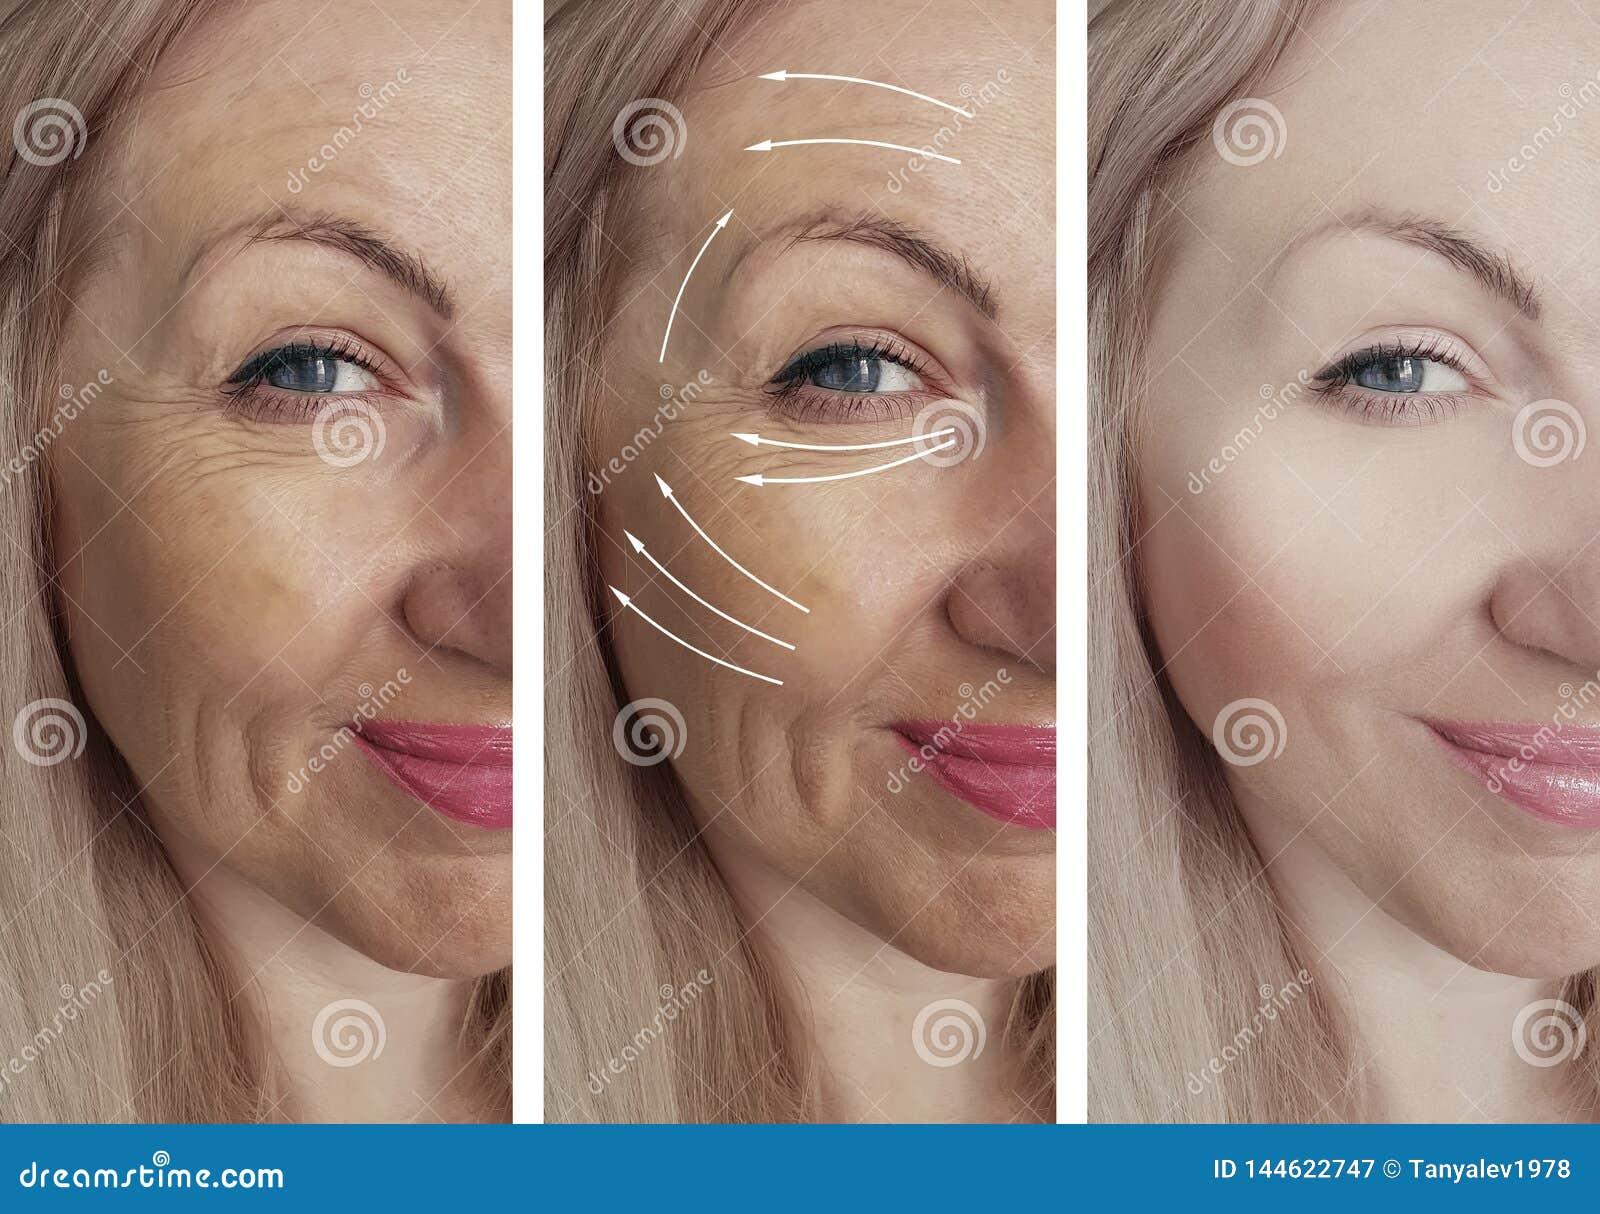 Las arrugas de la mujer hacen frente a la regeneración de la elevación de la flecha del cosmetólogo antes y después del trata